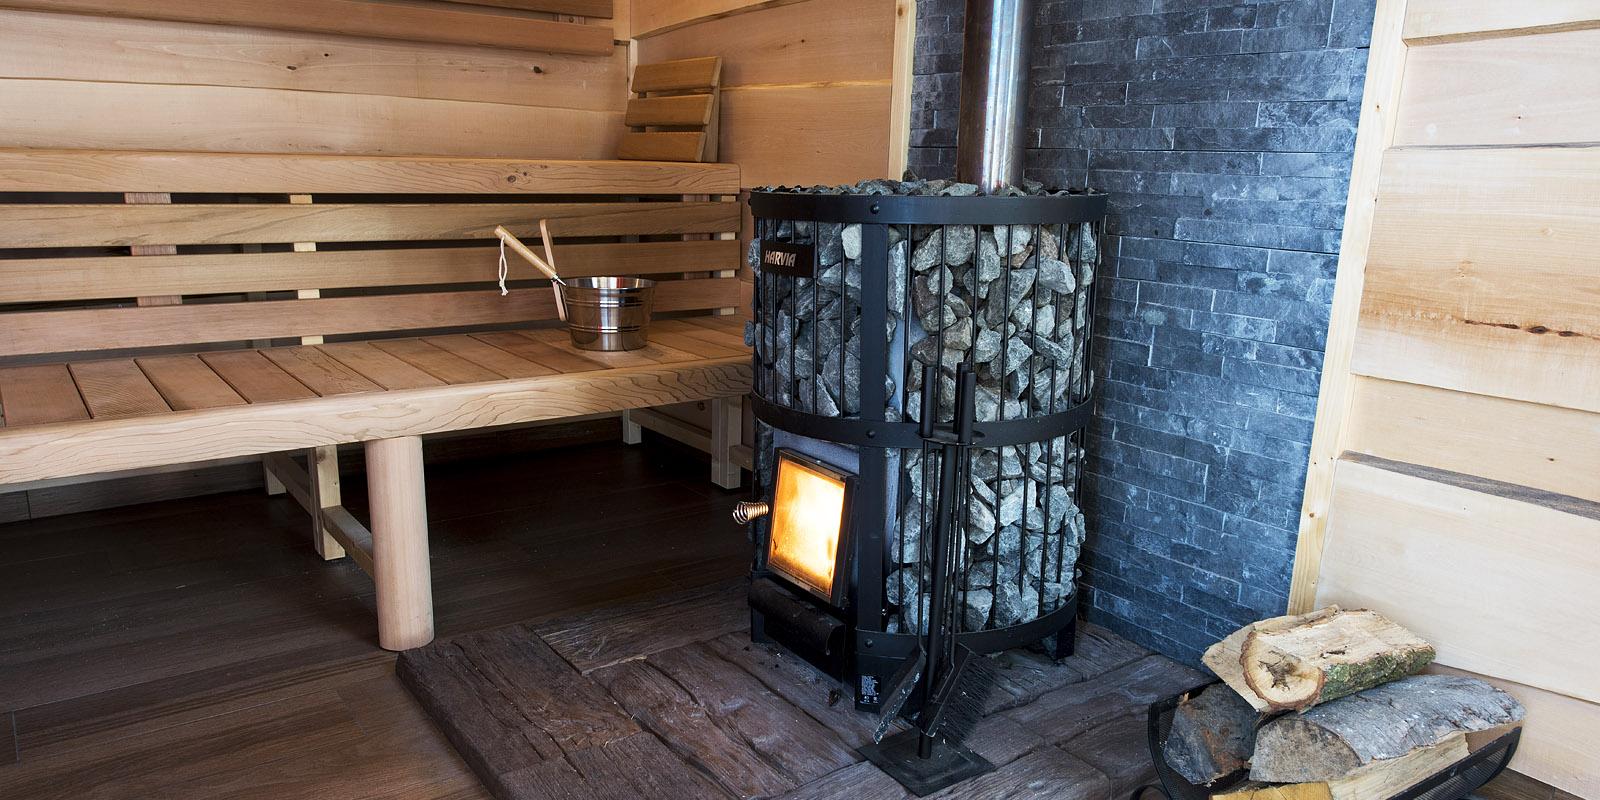 Venkovní sauna a roztopená kamna